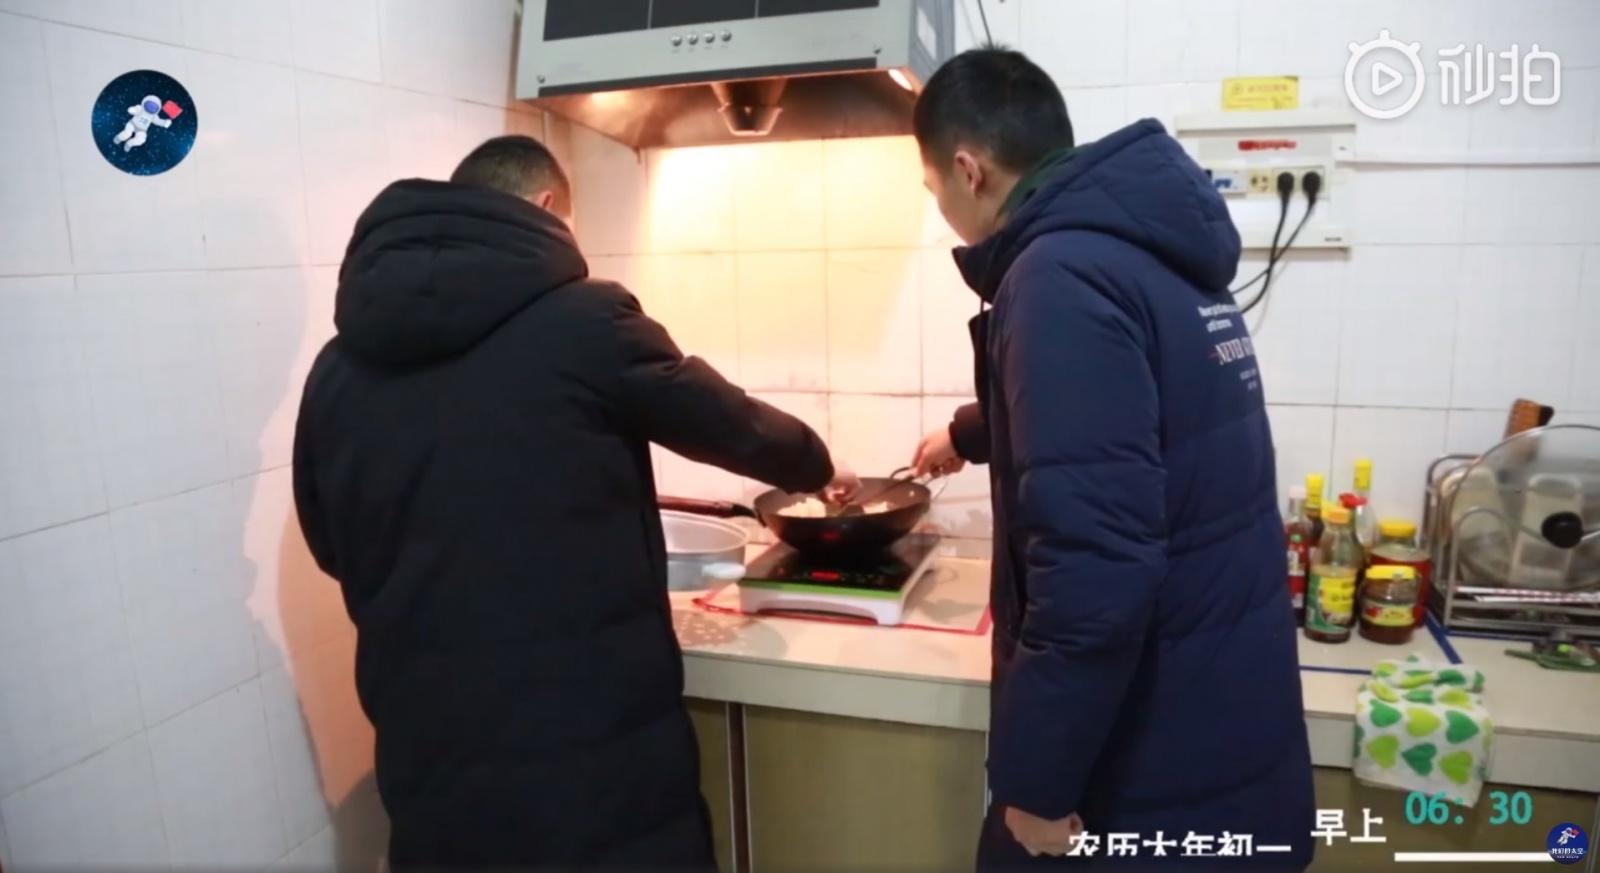 Суровая рабочая реальность — Китайский космодром Сичан (Xichang Satellite Launch Center — XSLC) - 78